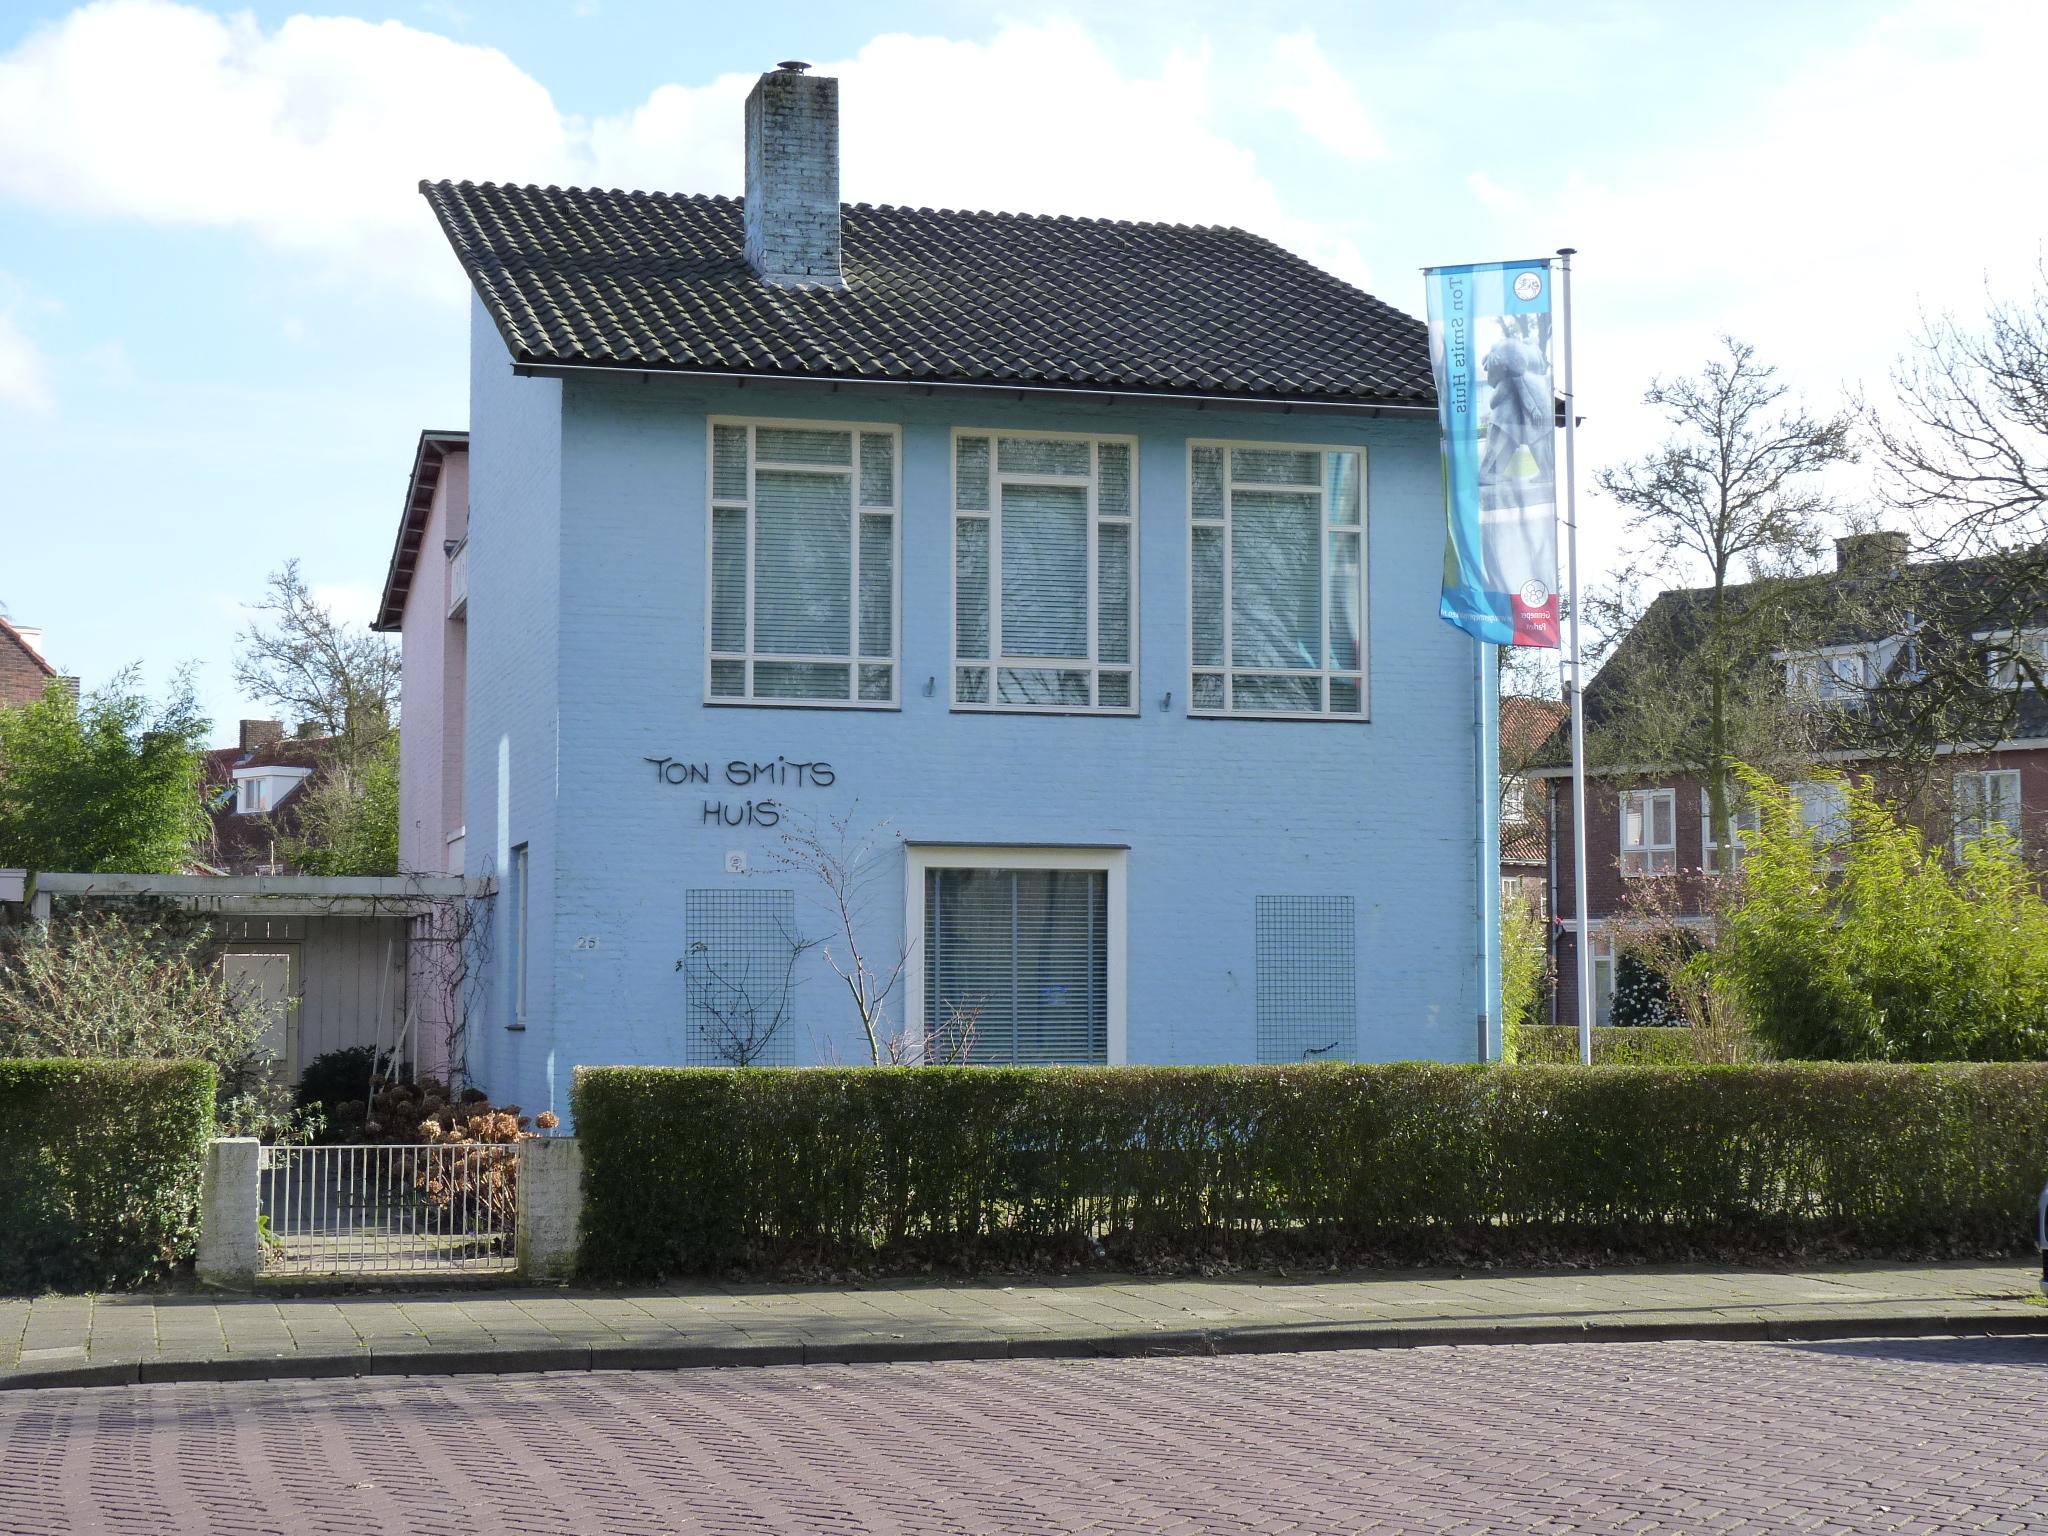 Een klein licht blauw huisje van twee verdiepingen met een groene buxushaag voor de deur. Het huis heeft een grijzen pannendak en het lijkt of het achterste deel van de woning roze is van kleur.